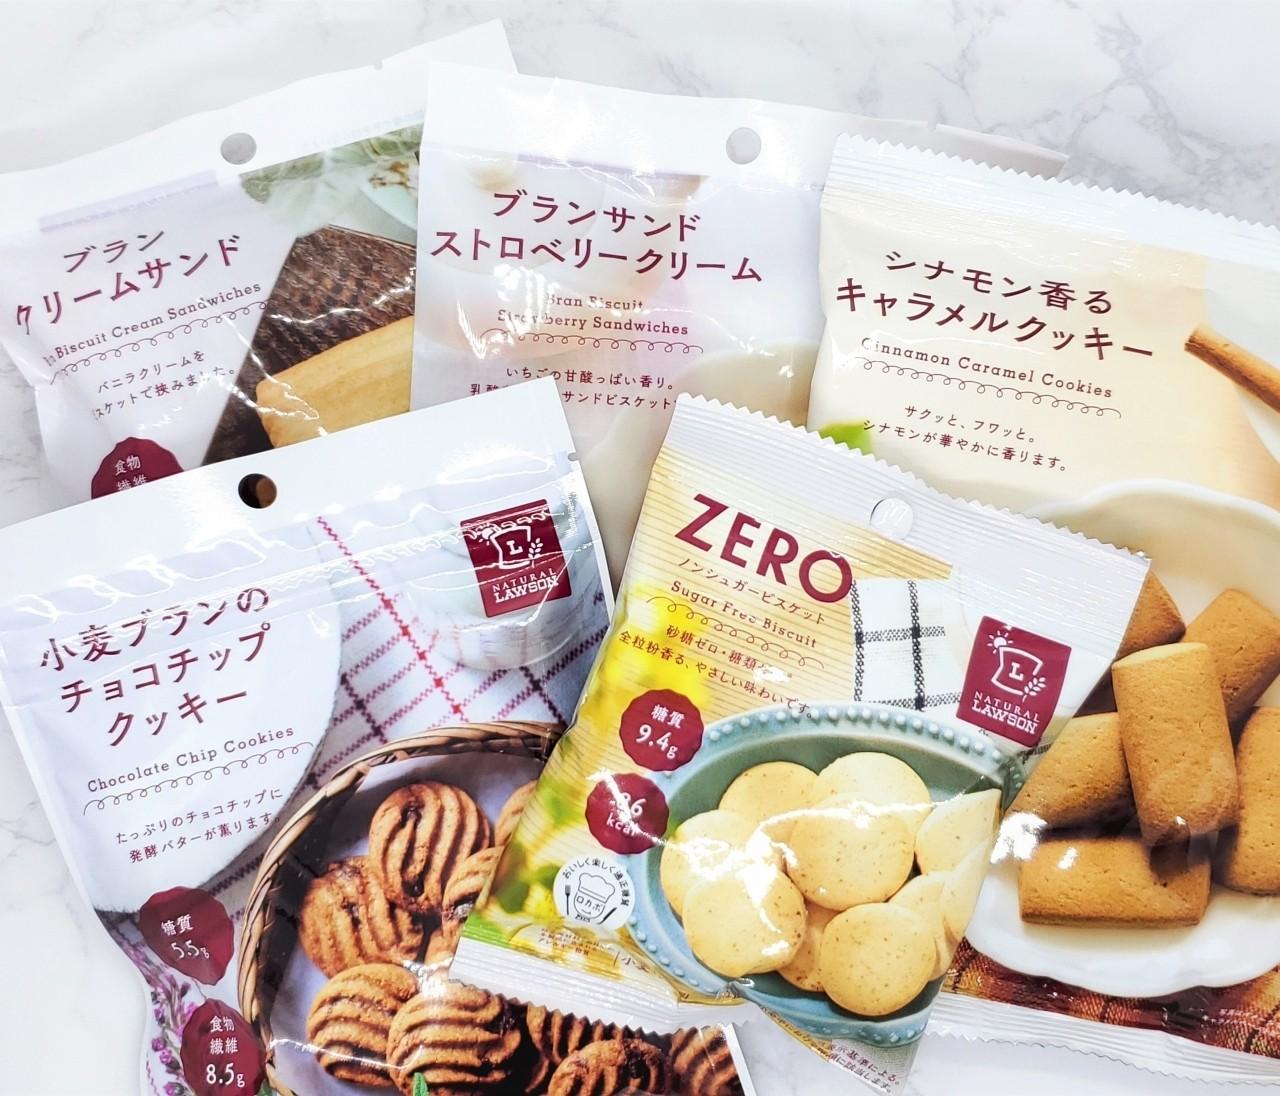 【ローソン】低糖質でも嬉しい甘さ♪ロカボクッキー&ビスケットがおすすめ!